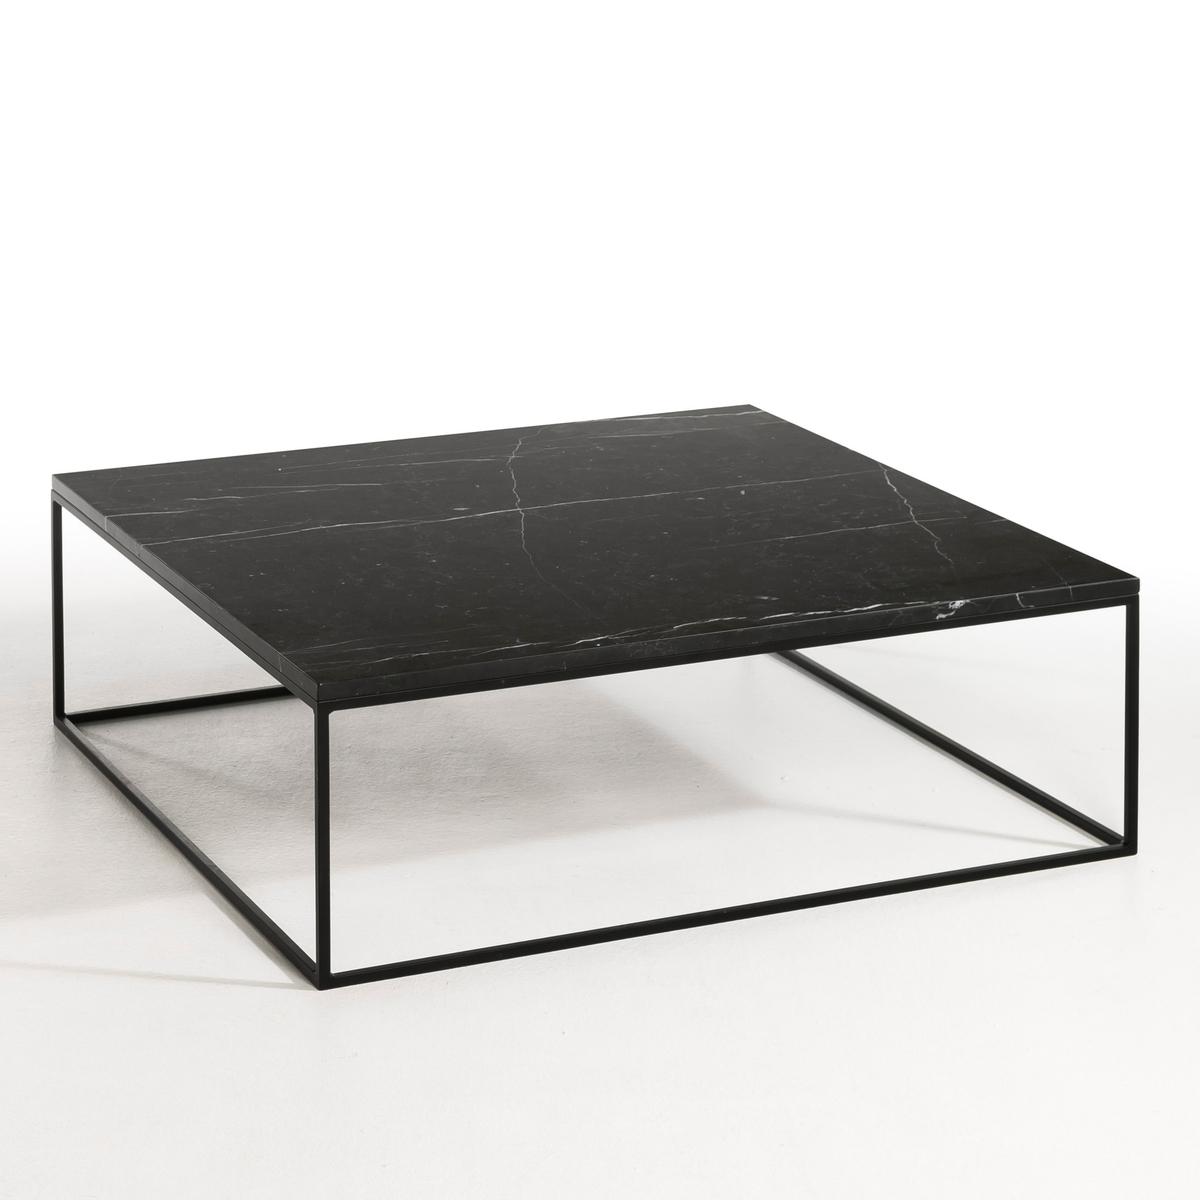 Столик LaRedoute Журнальный из металла черного цвета и мрамора Mahaut единый размер черный